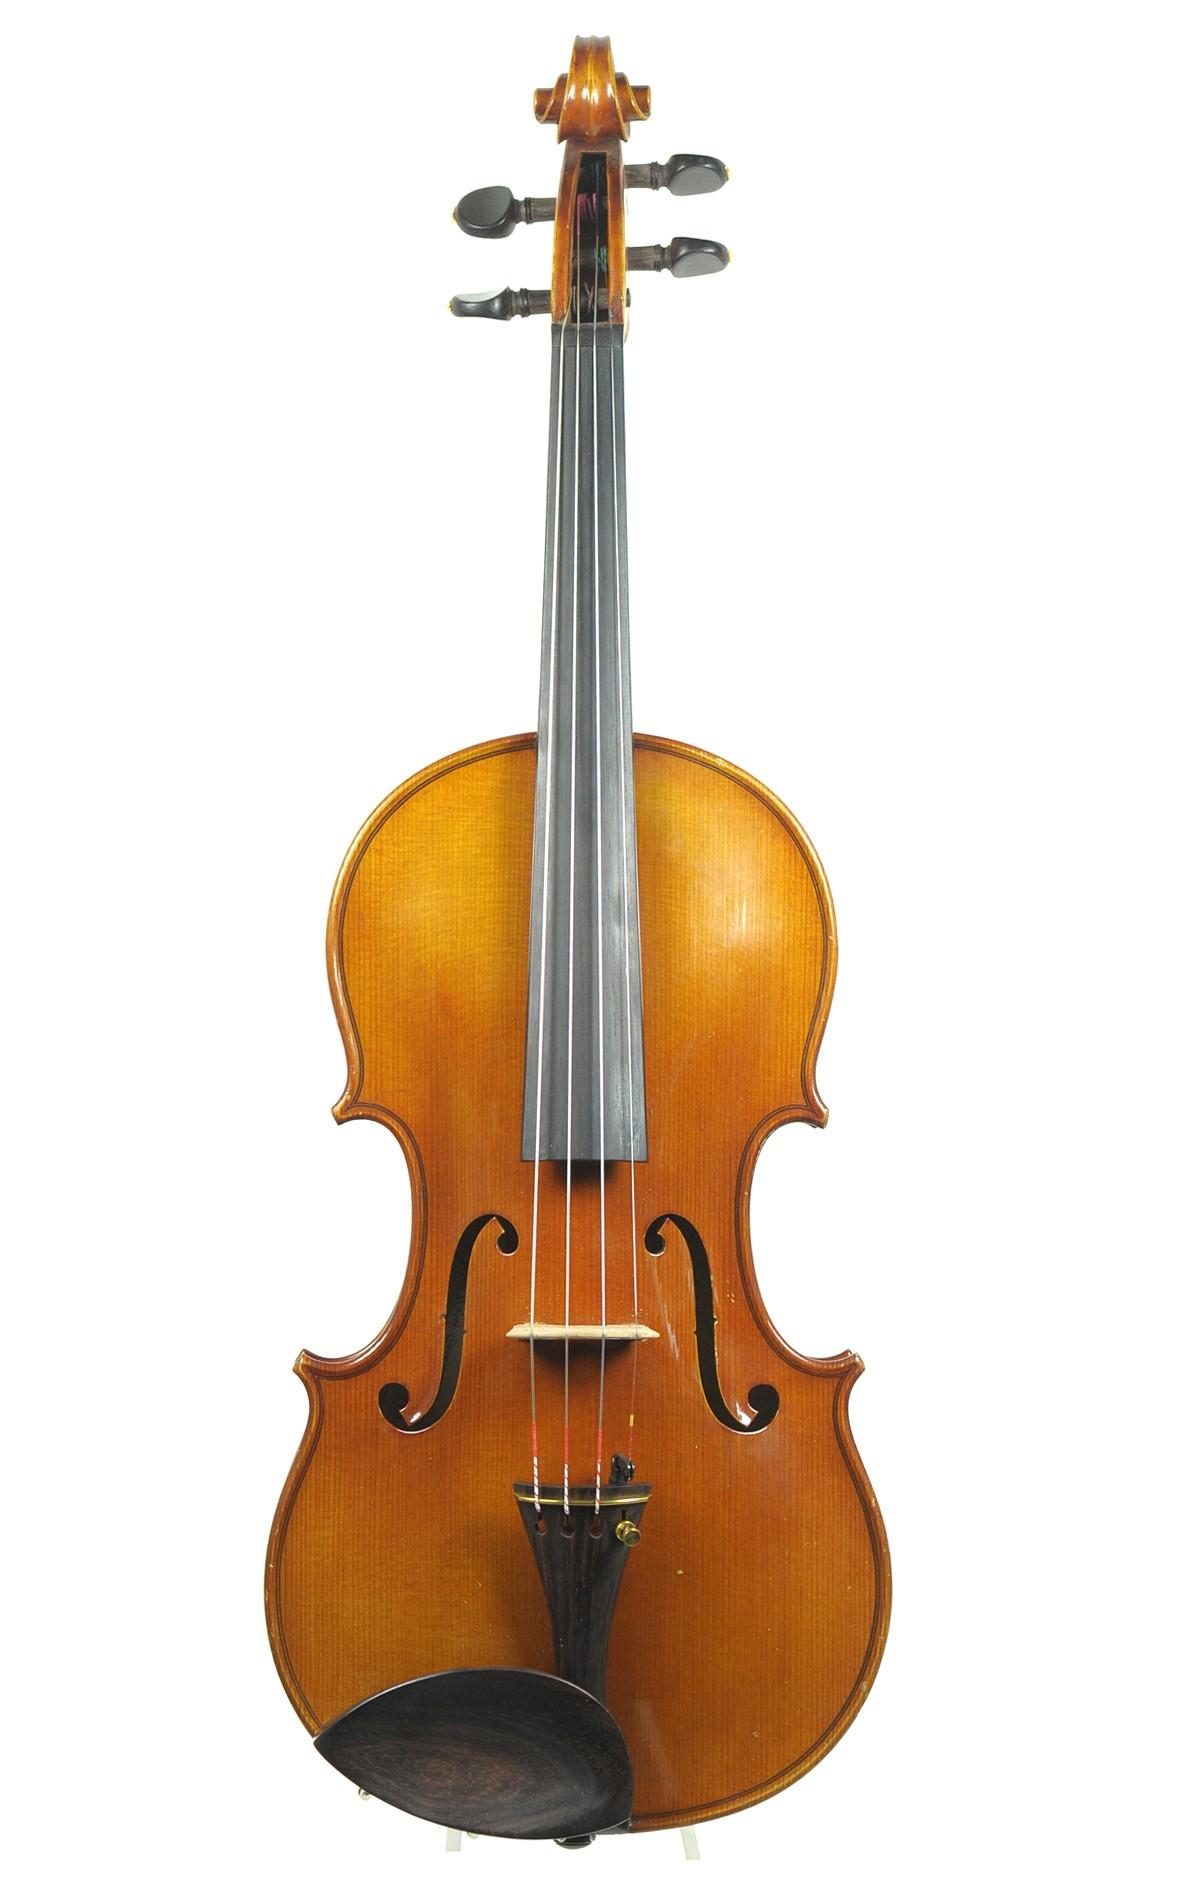 Fine French violin, Andre Coinus, Mirecourt 1927